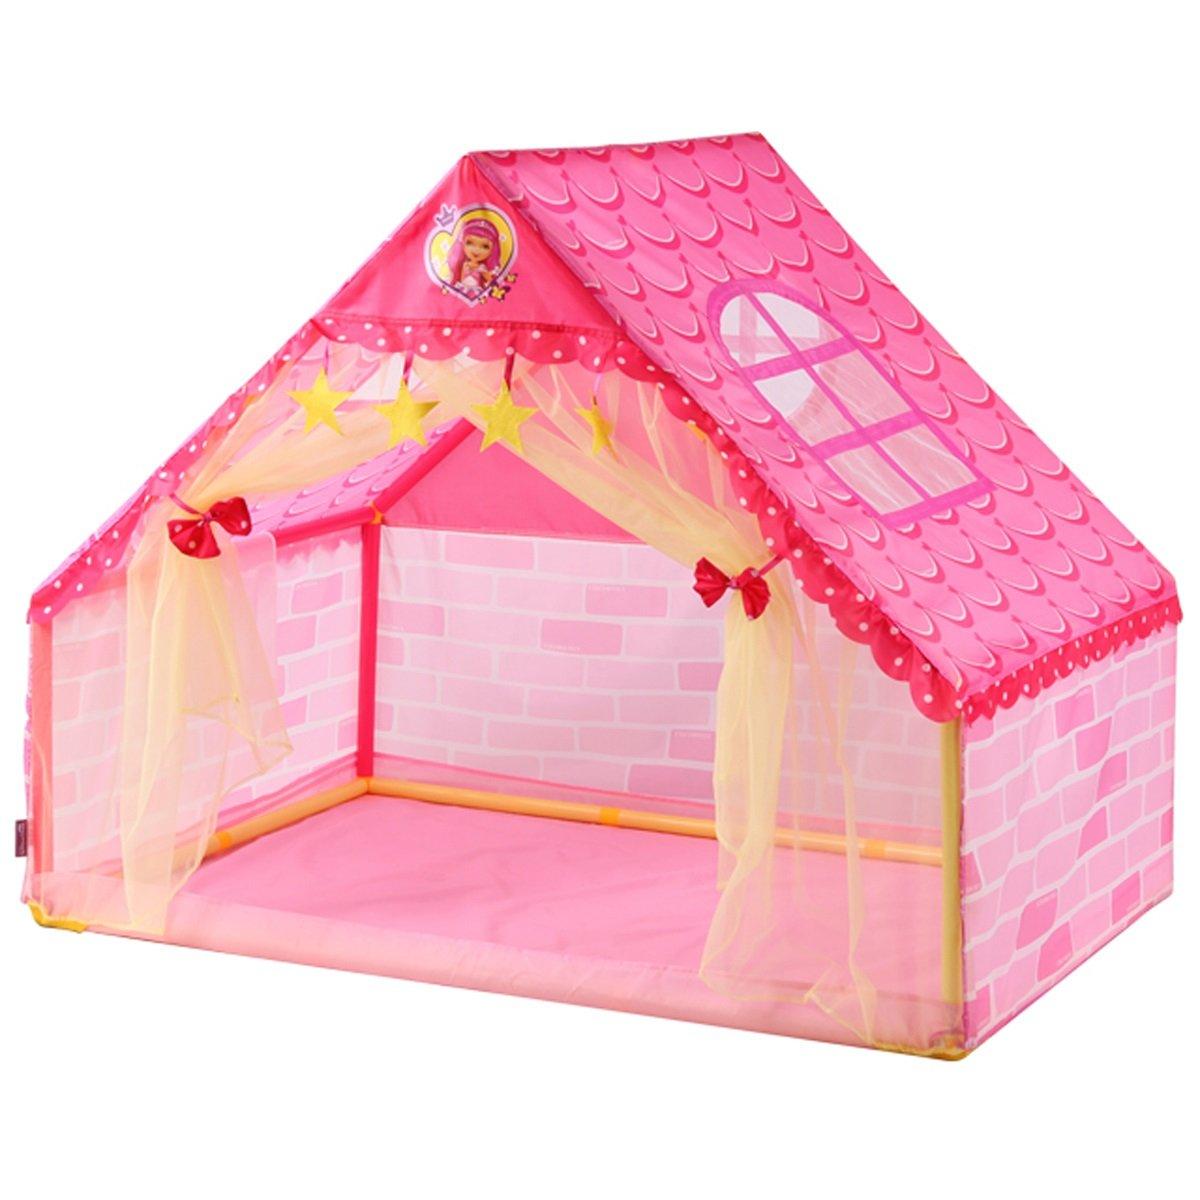 DD子供再生テントDIYゲーム部屋プラスチックおもちゃ部屋インドアBigスペースベビーギフト(ピンク10613390.5 CMのパックの1 ) B07DNC9NSW